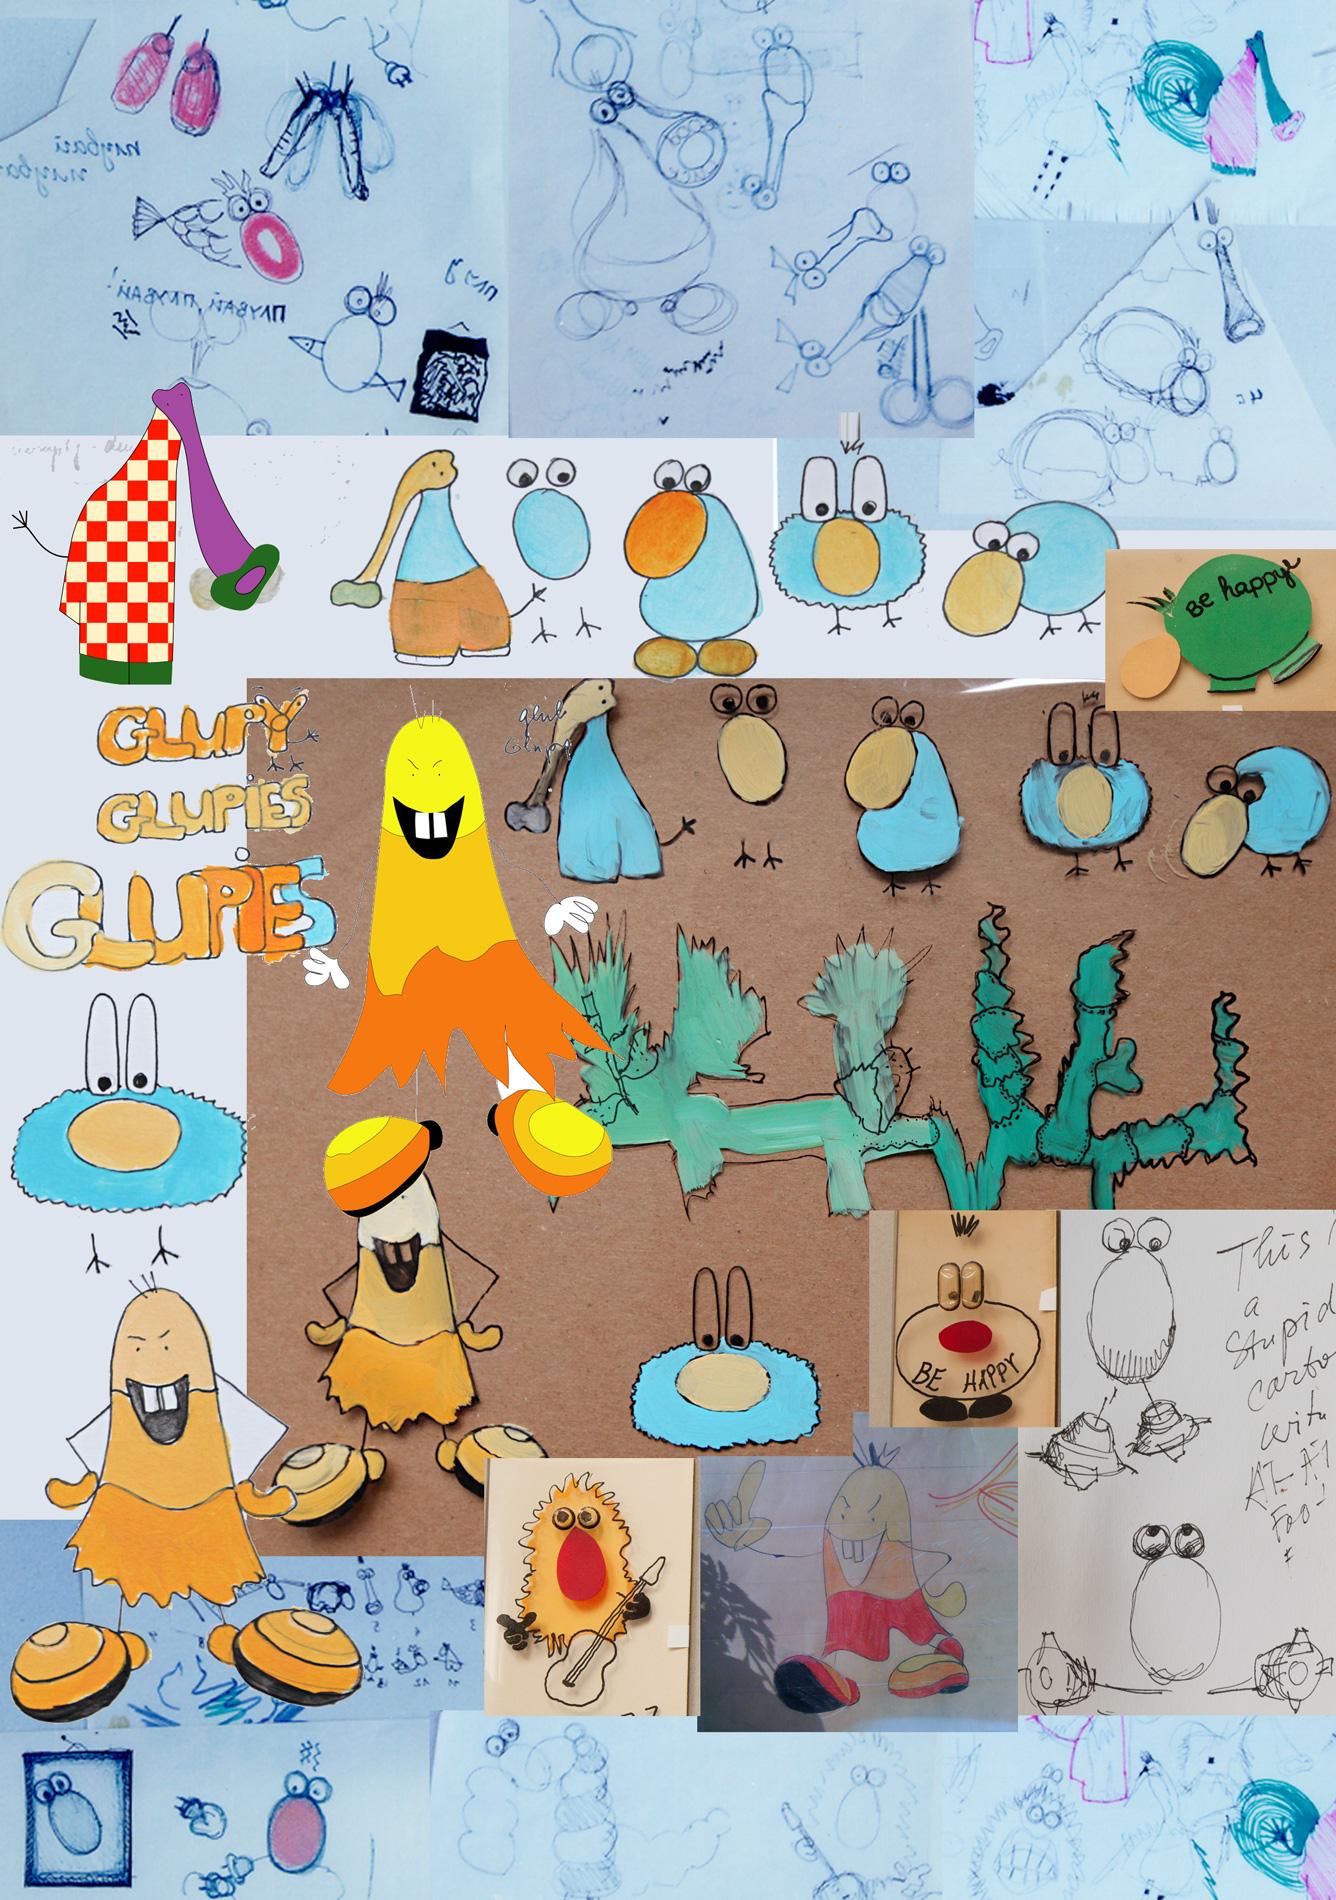 mirena-rhee-cartoons.jpg